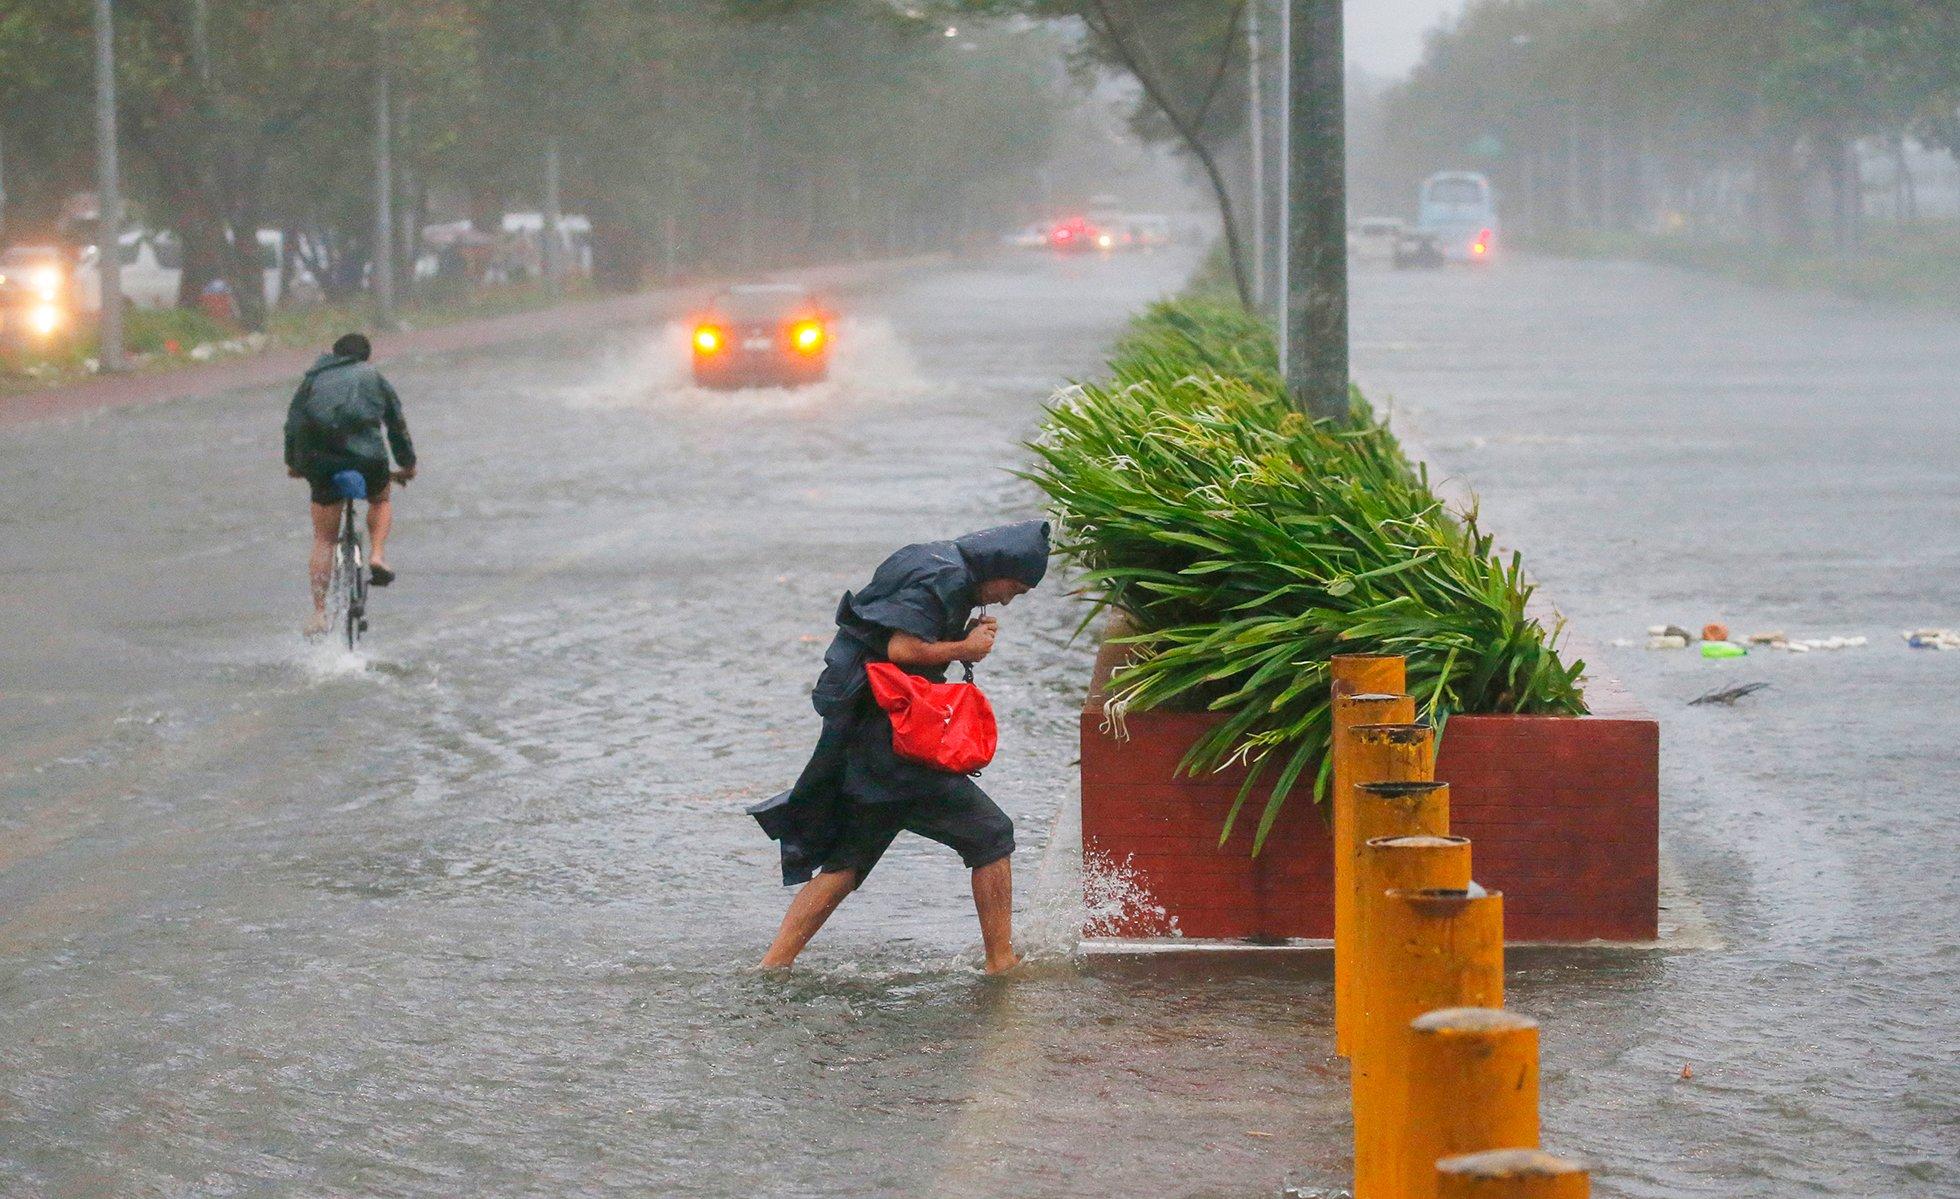 Число погибших в результате тайфуна на Филиппинах приблизилось к 60, Жертвы, Тайфун, Филиппины